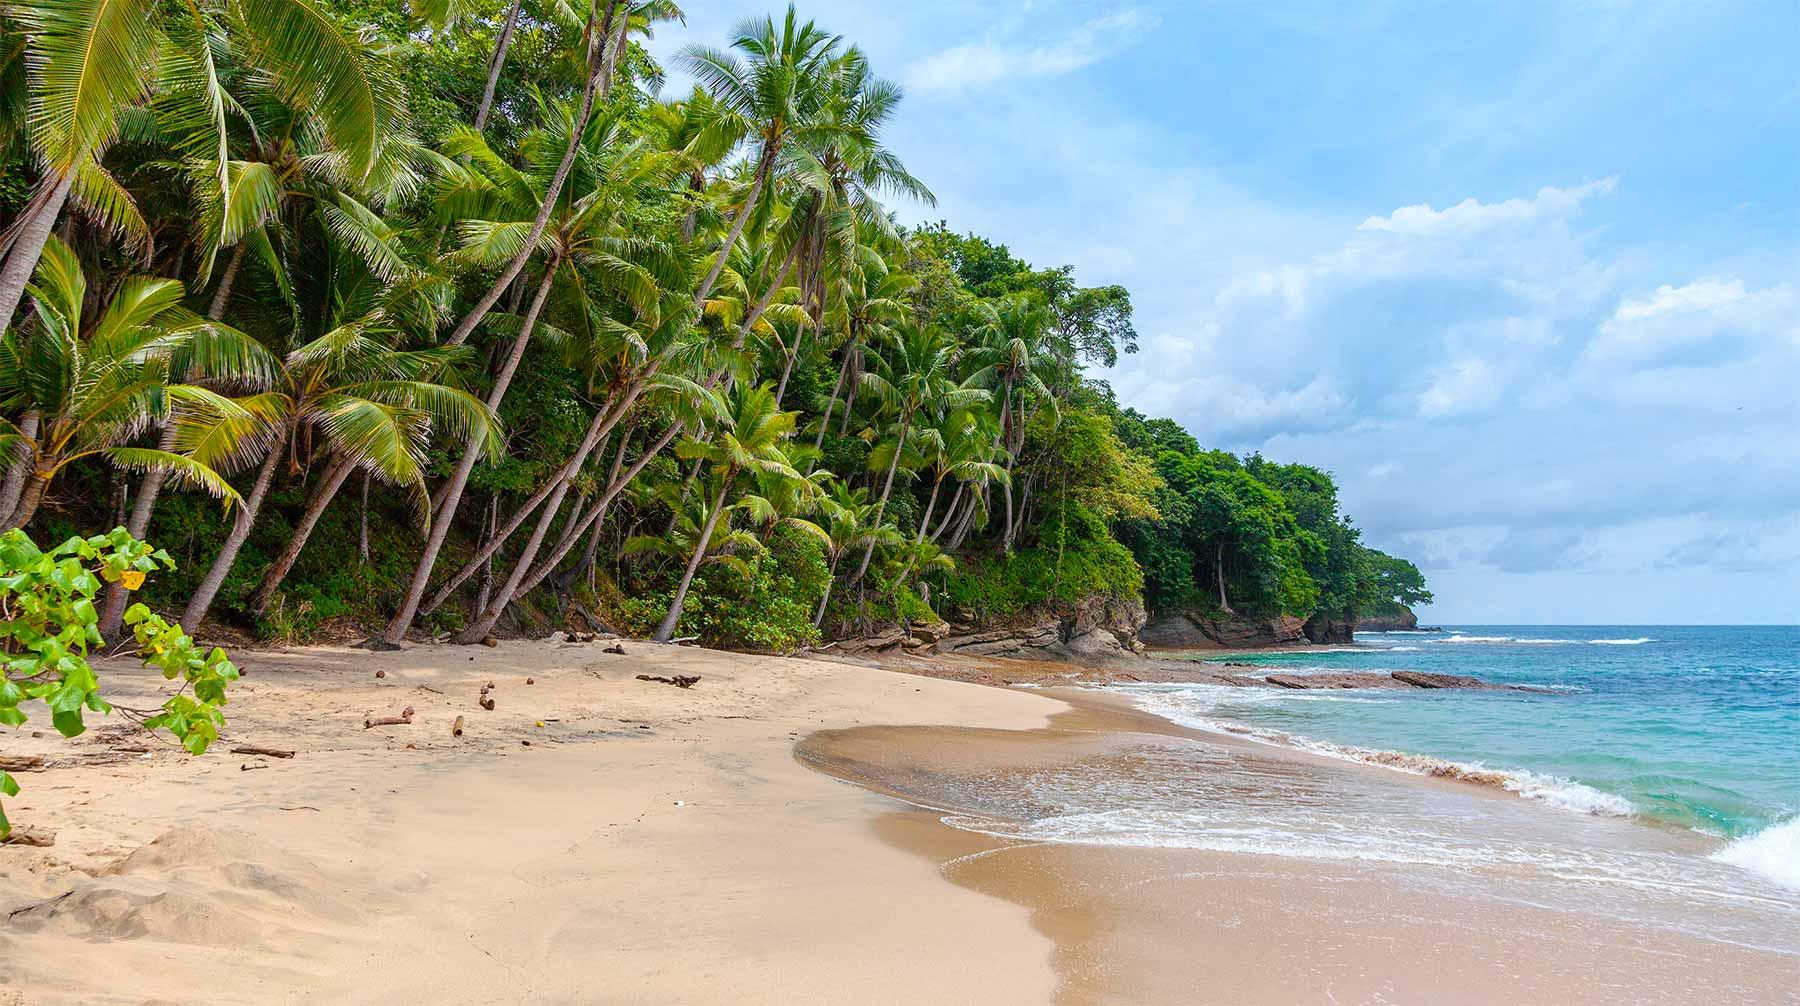 Playa Blanca, Saboga i Panama. Foto: Rowan Heuvel / Unsplash